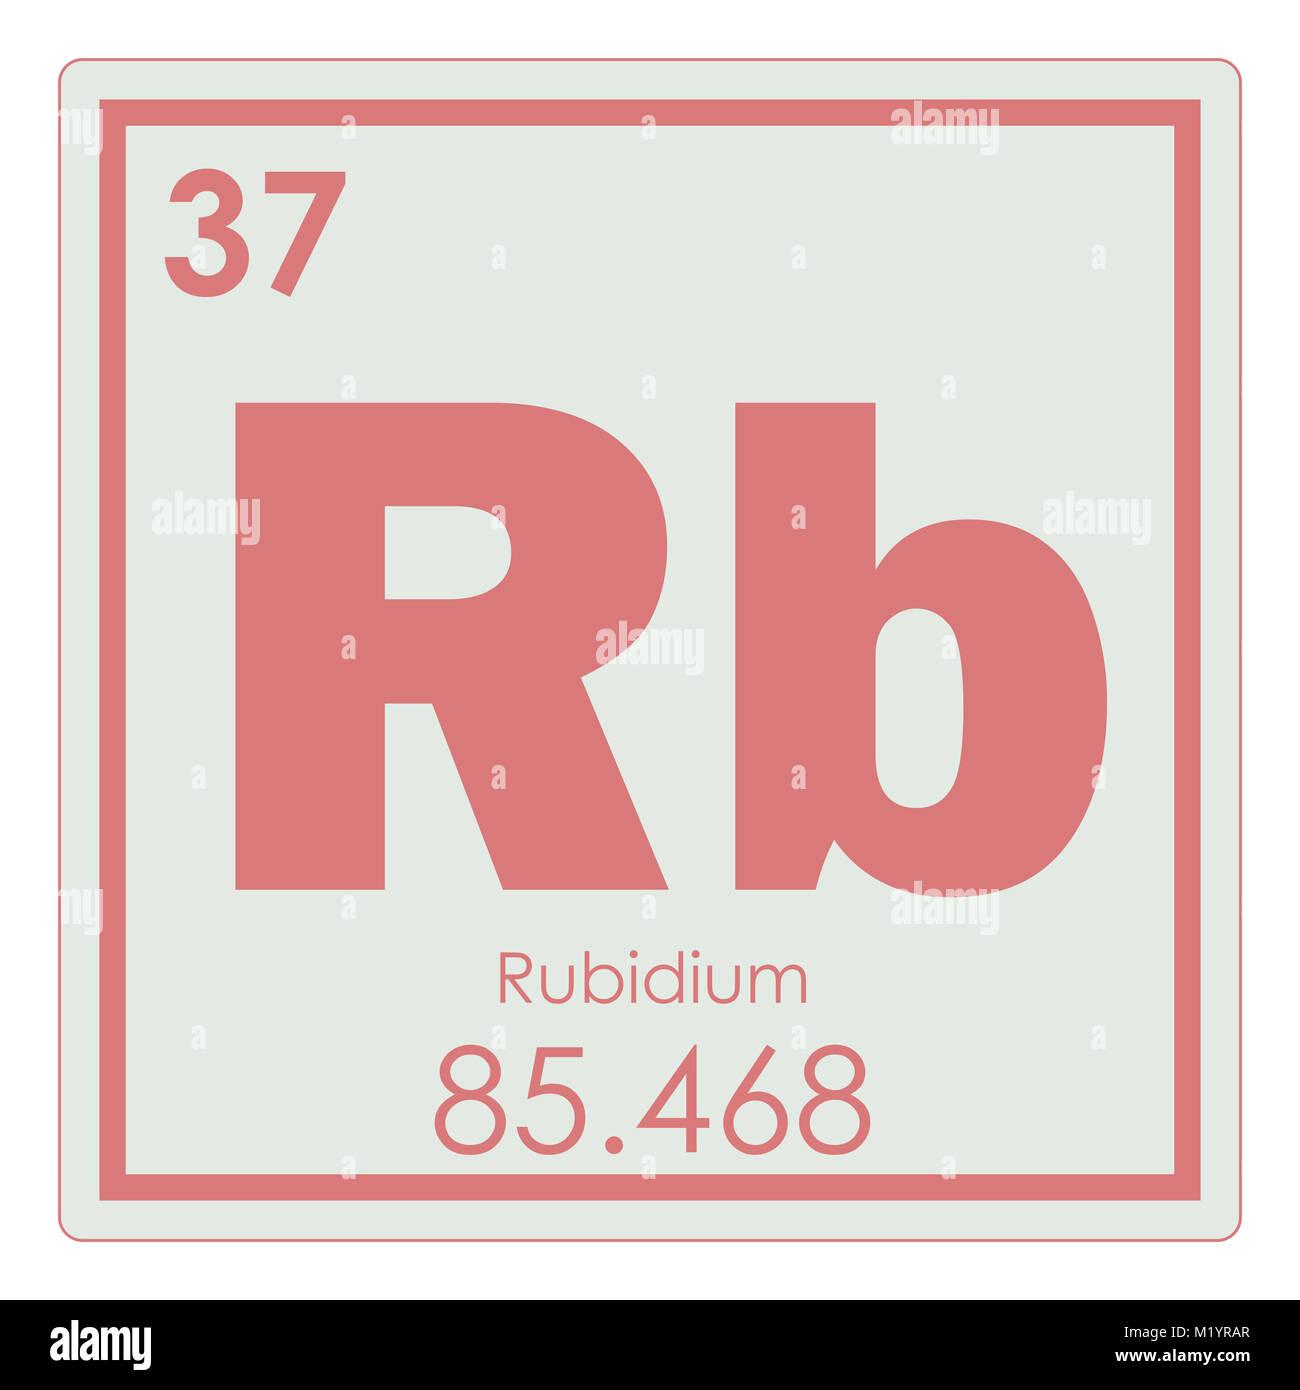 Tabla peridica de elementos qumicos rubidio smbolo de ciencia tabla peridica de elementos qumicos rubidio smbolo de ciencia urtaz Choice Image